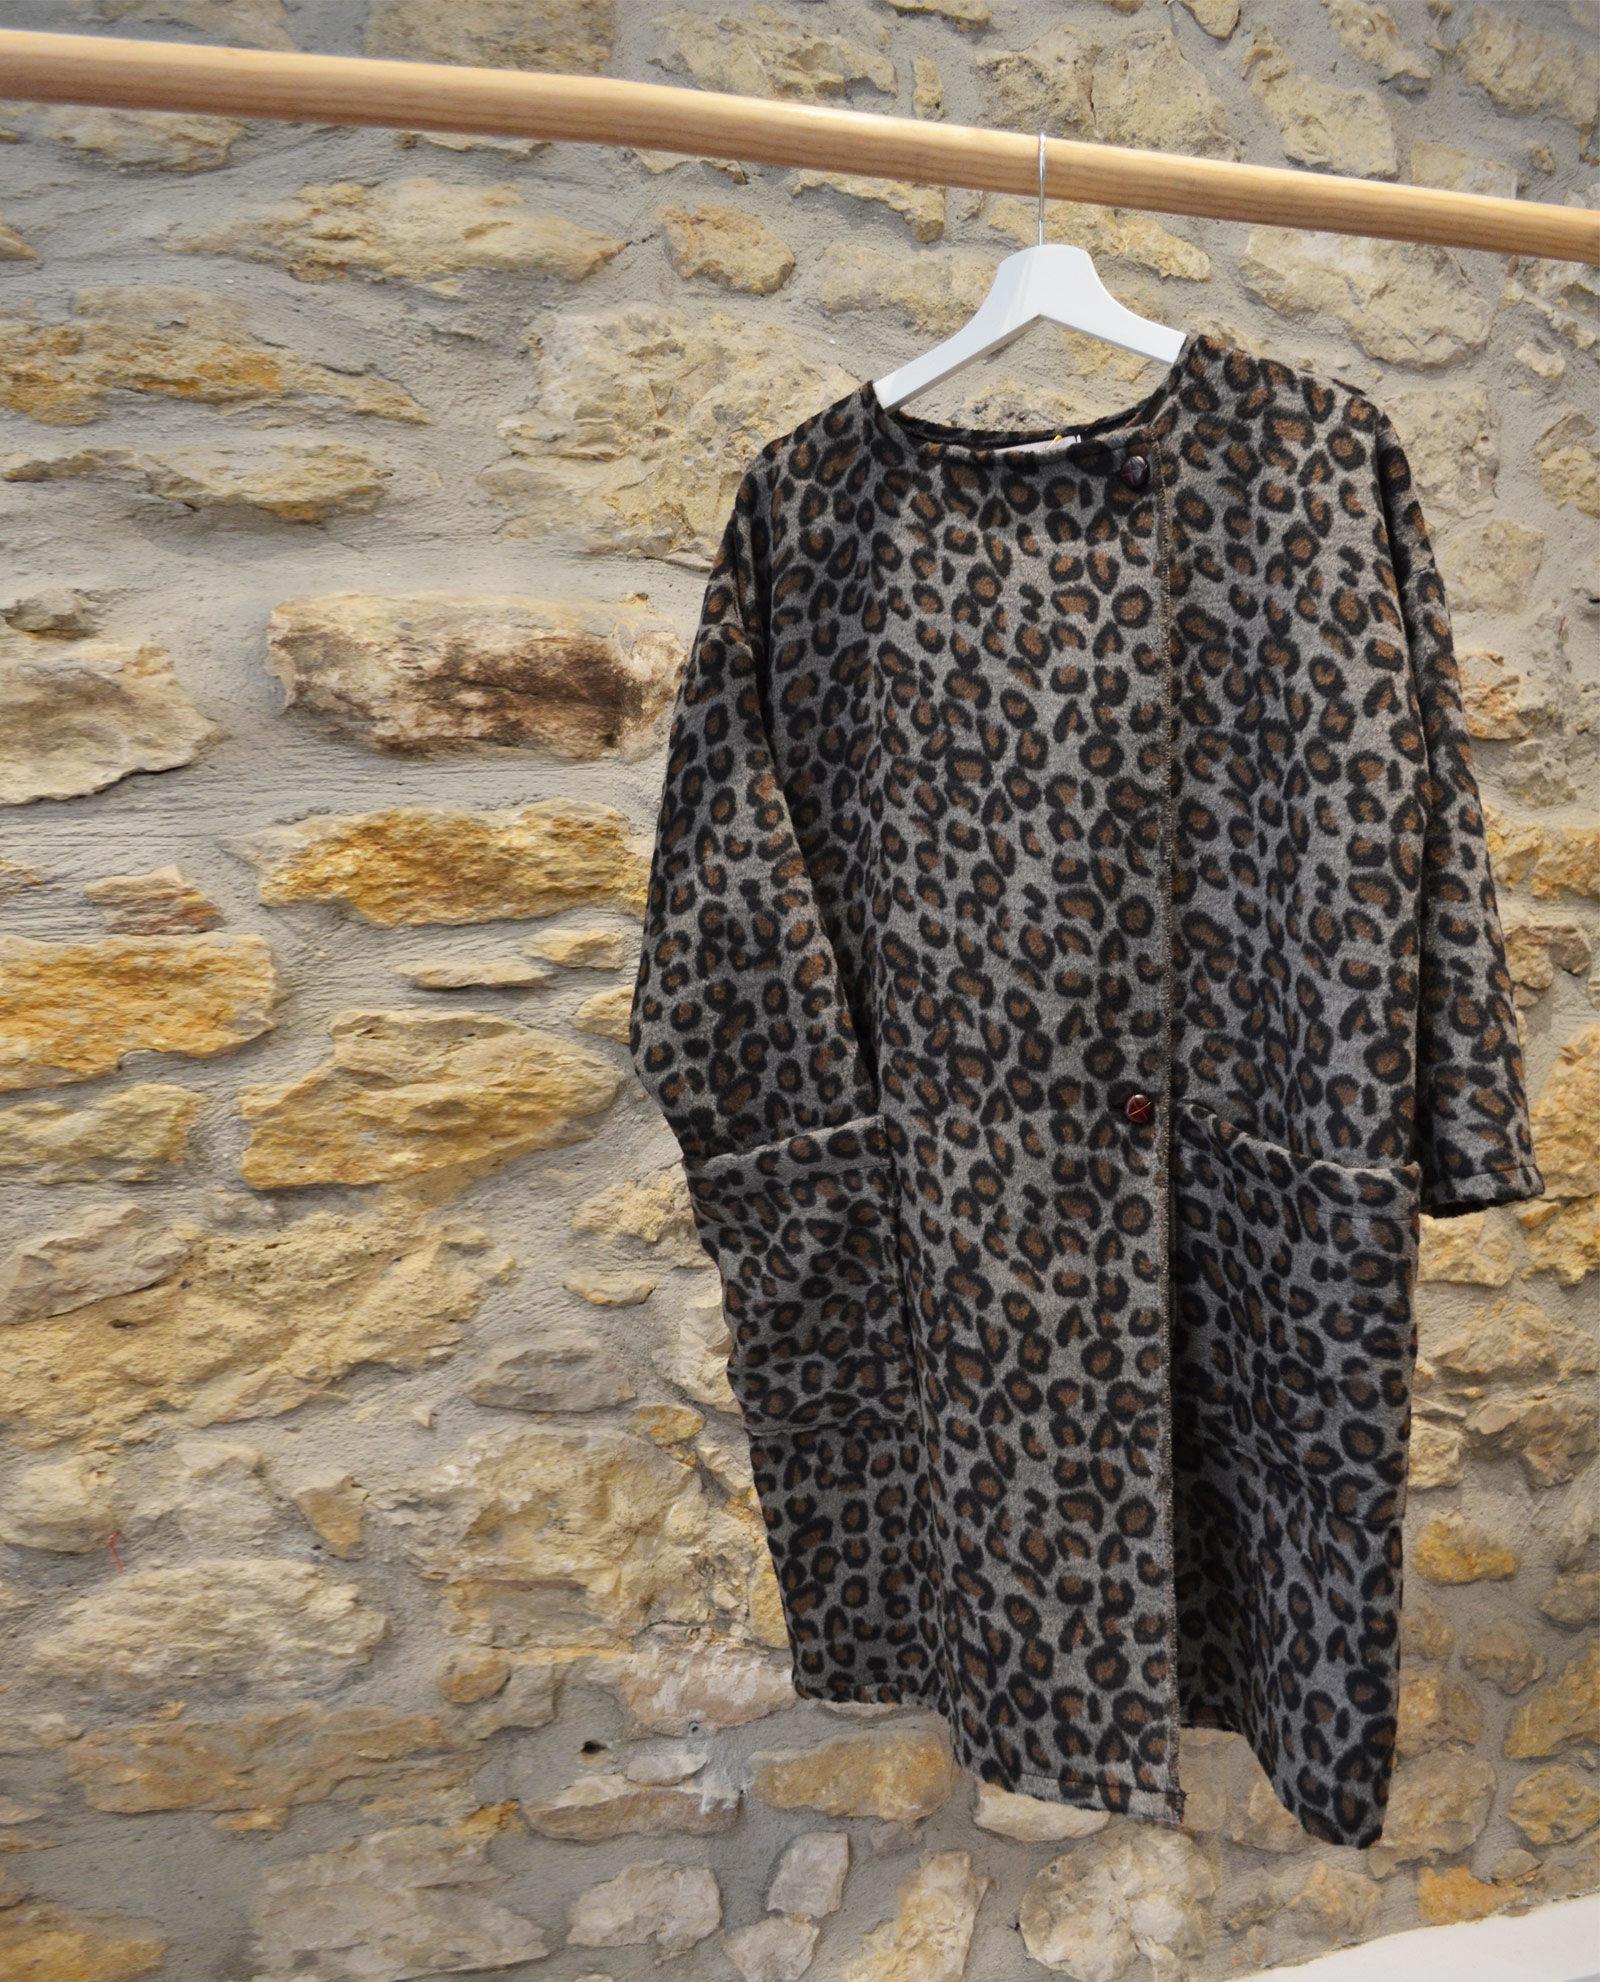 abrigoleopardo